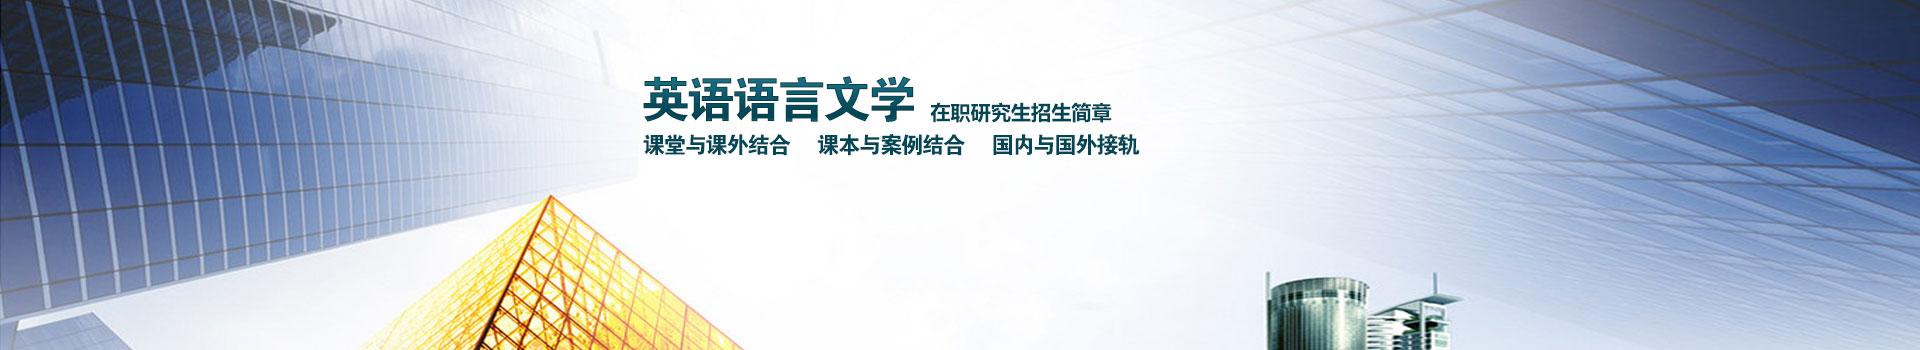 暨南大学外国语言学及应用语言学(翻译理论与实践方向)在职研究生招生简章